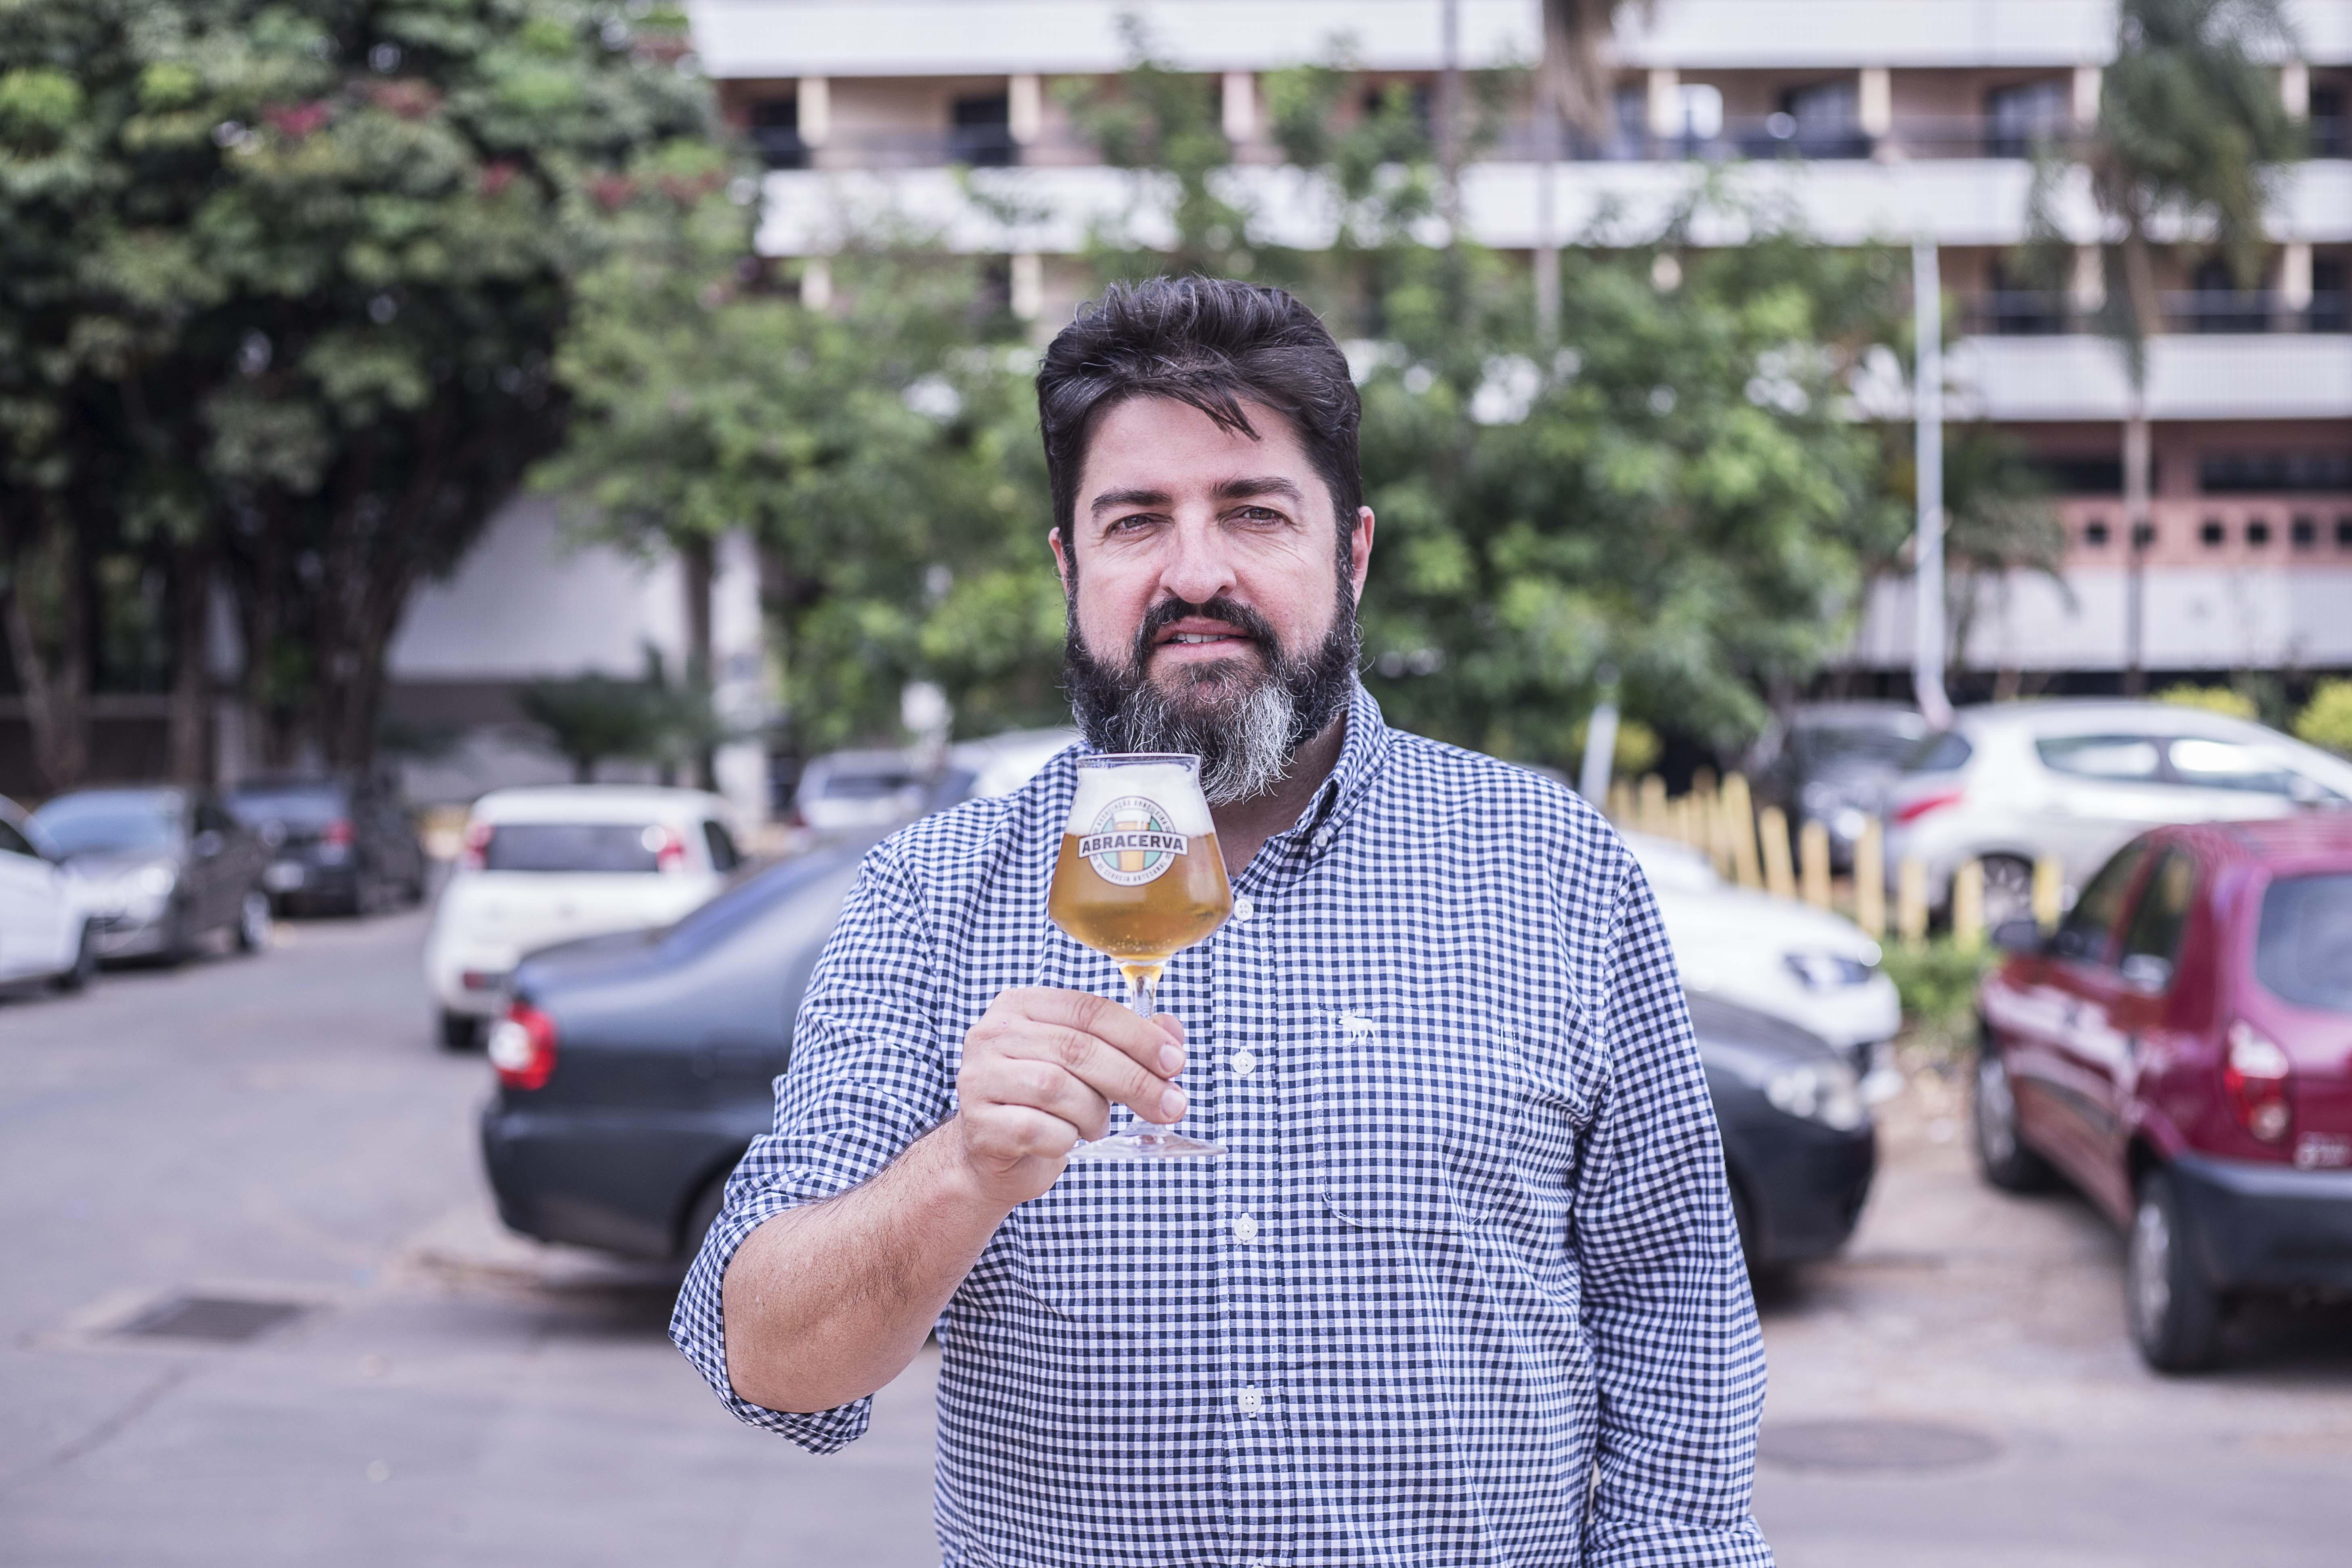 Cervejarias artesanais independentes são responsáveis por mais de 54% dos empregos gerados no setor até outubro